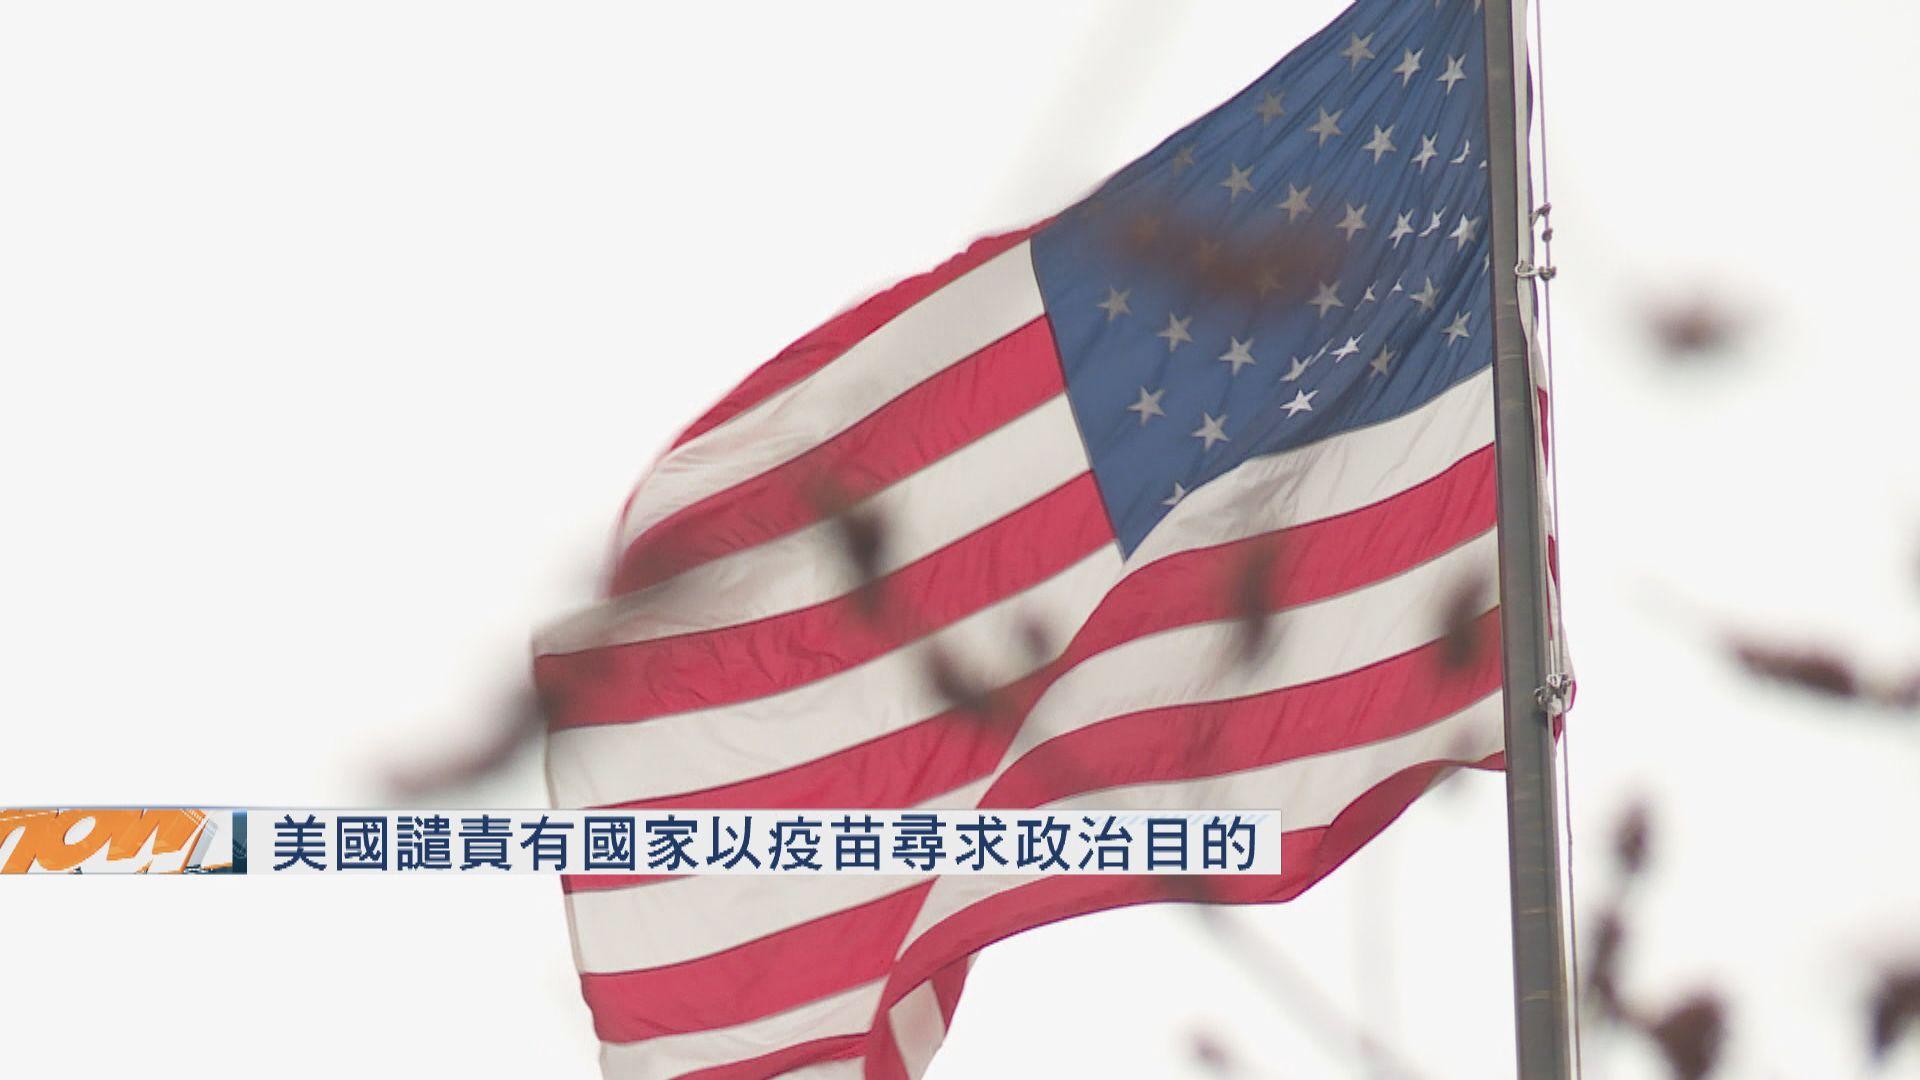 布林肯指美國不會讓澳洲獨自面對中國經濟脅迫